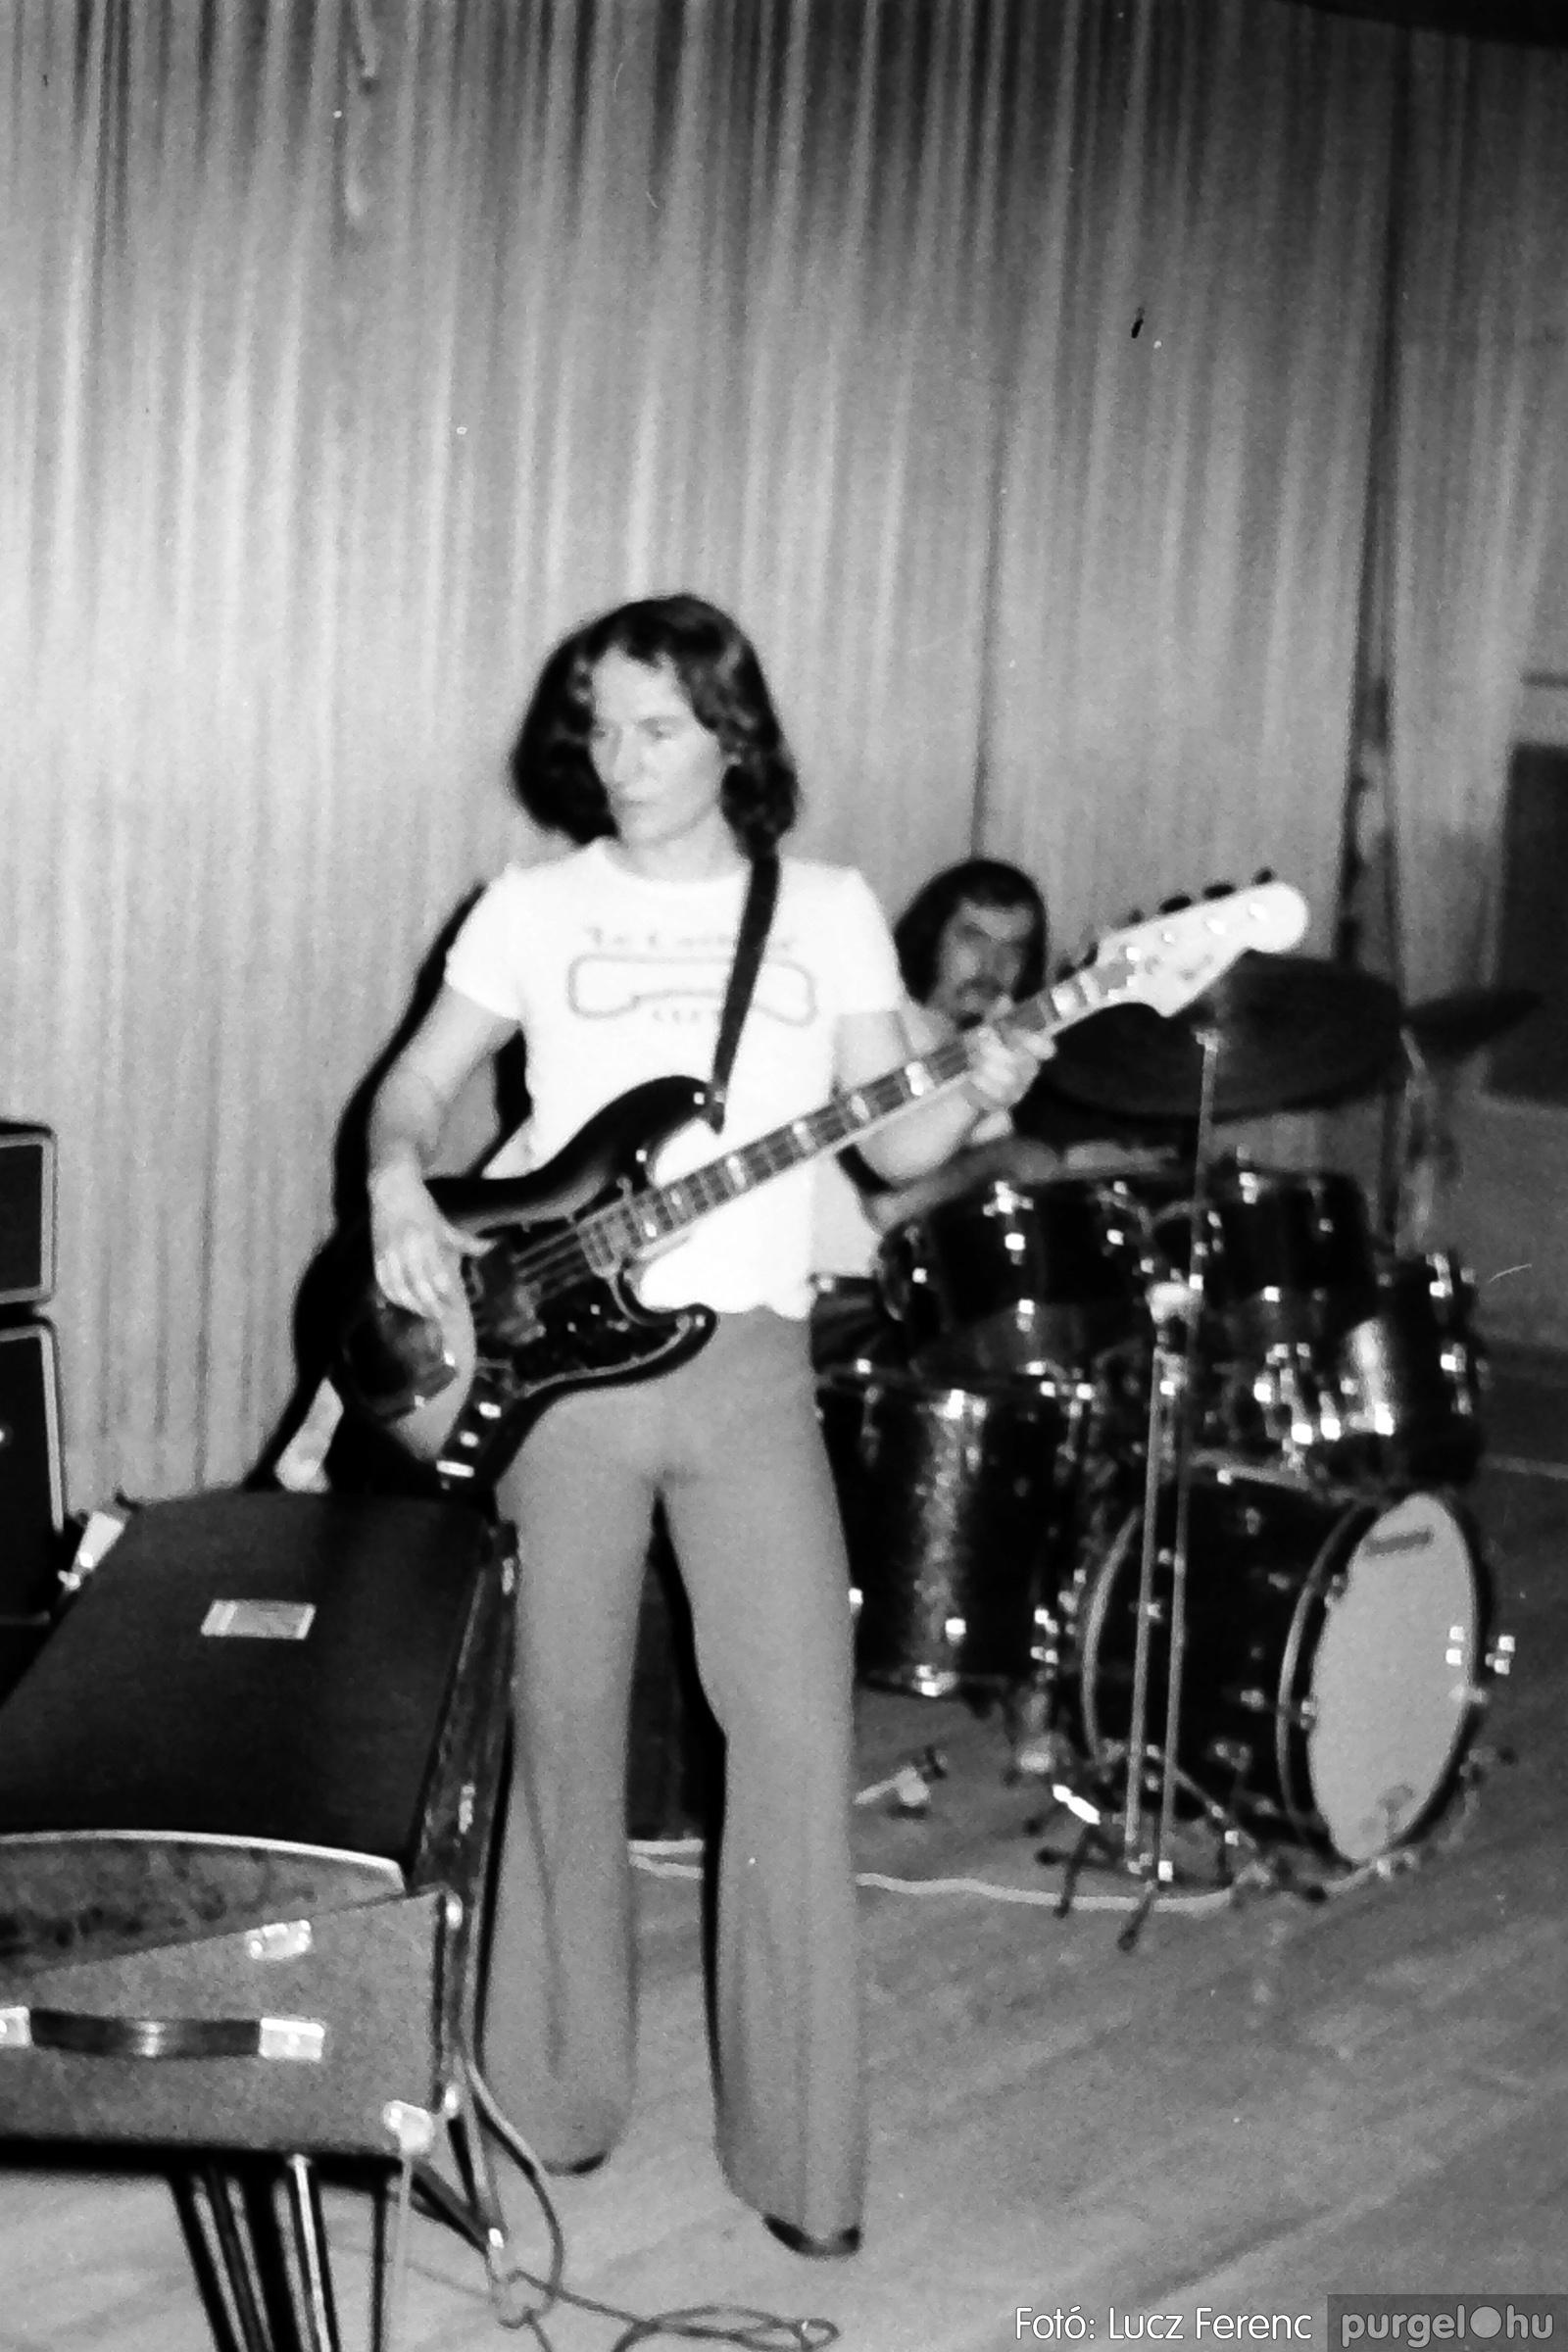 072. 1977. A botrányba fulladt Neoton koncert 006. - Fotó: Lucz Ferenc.jpg